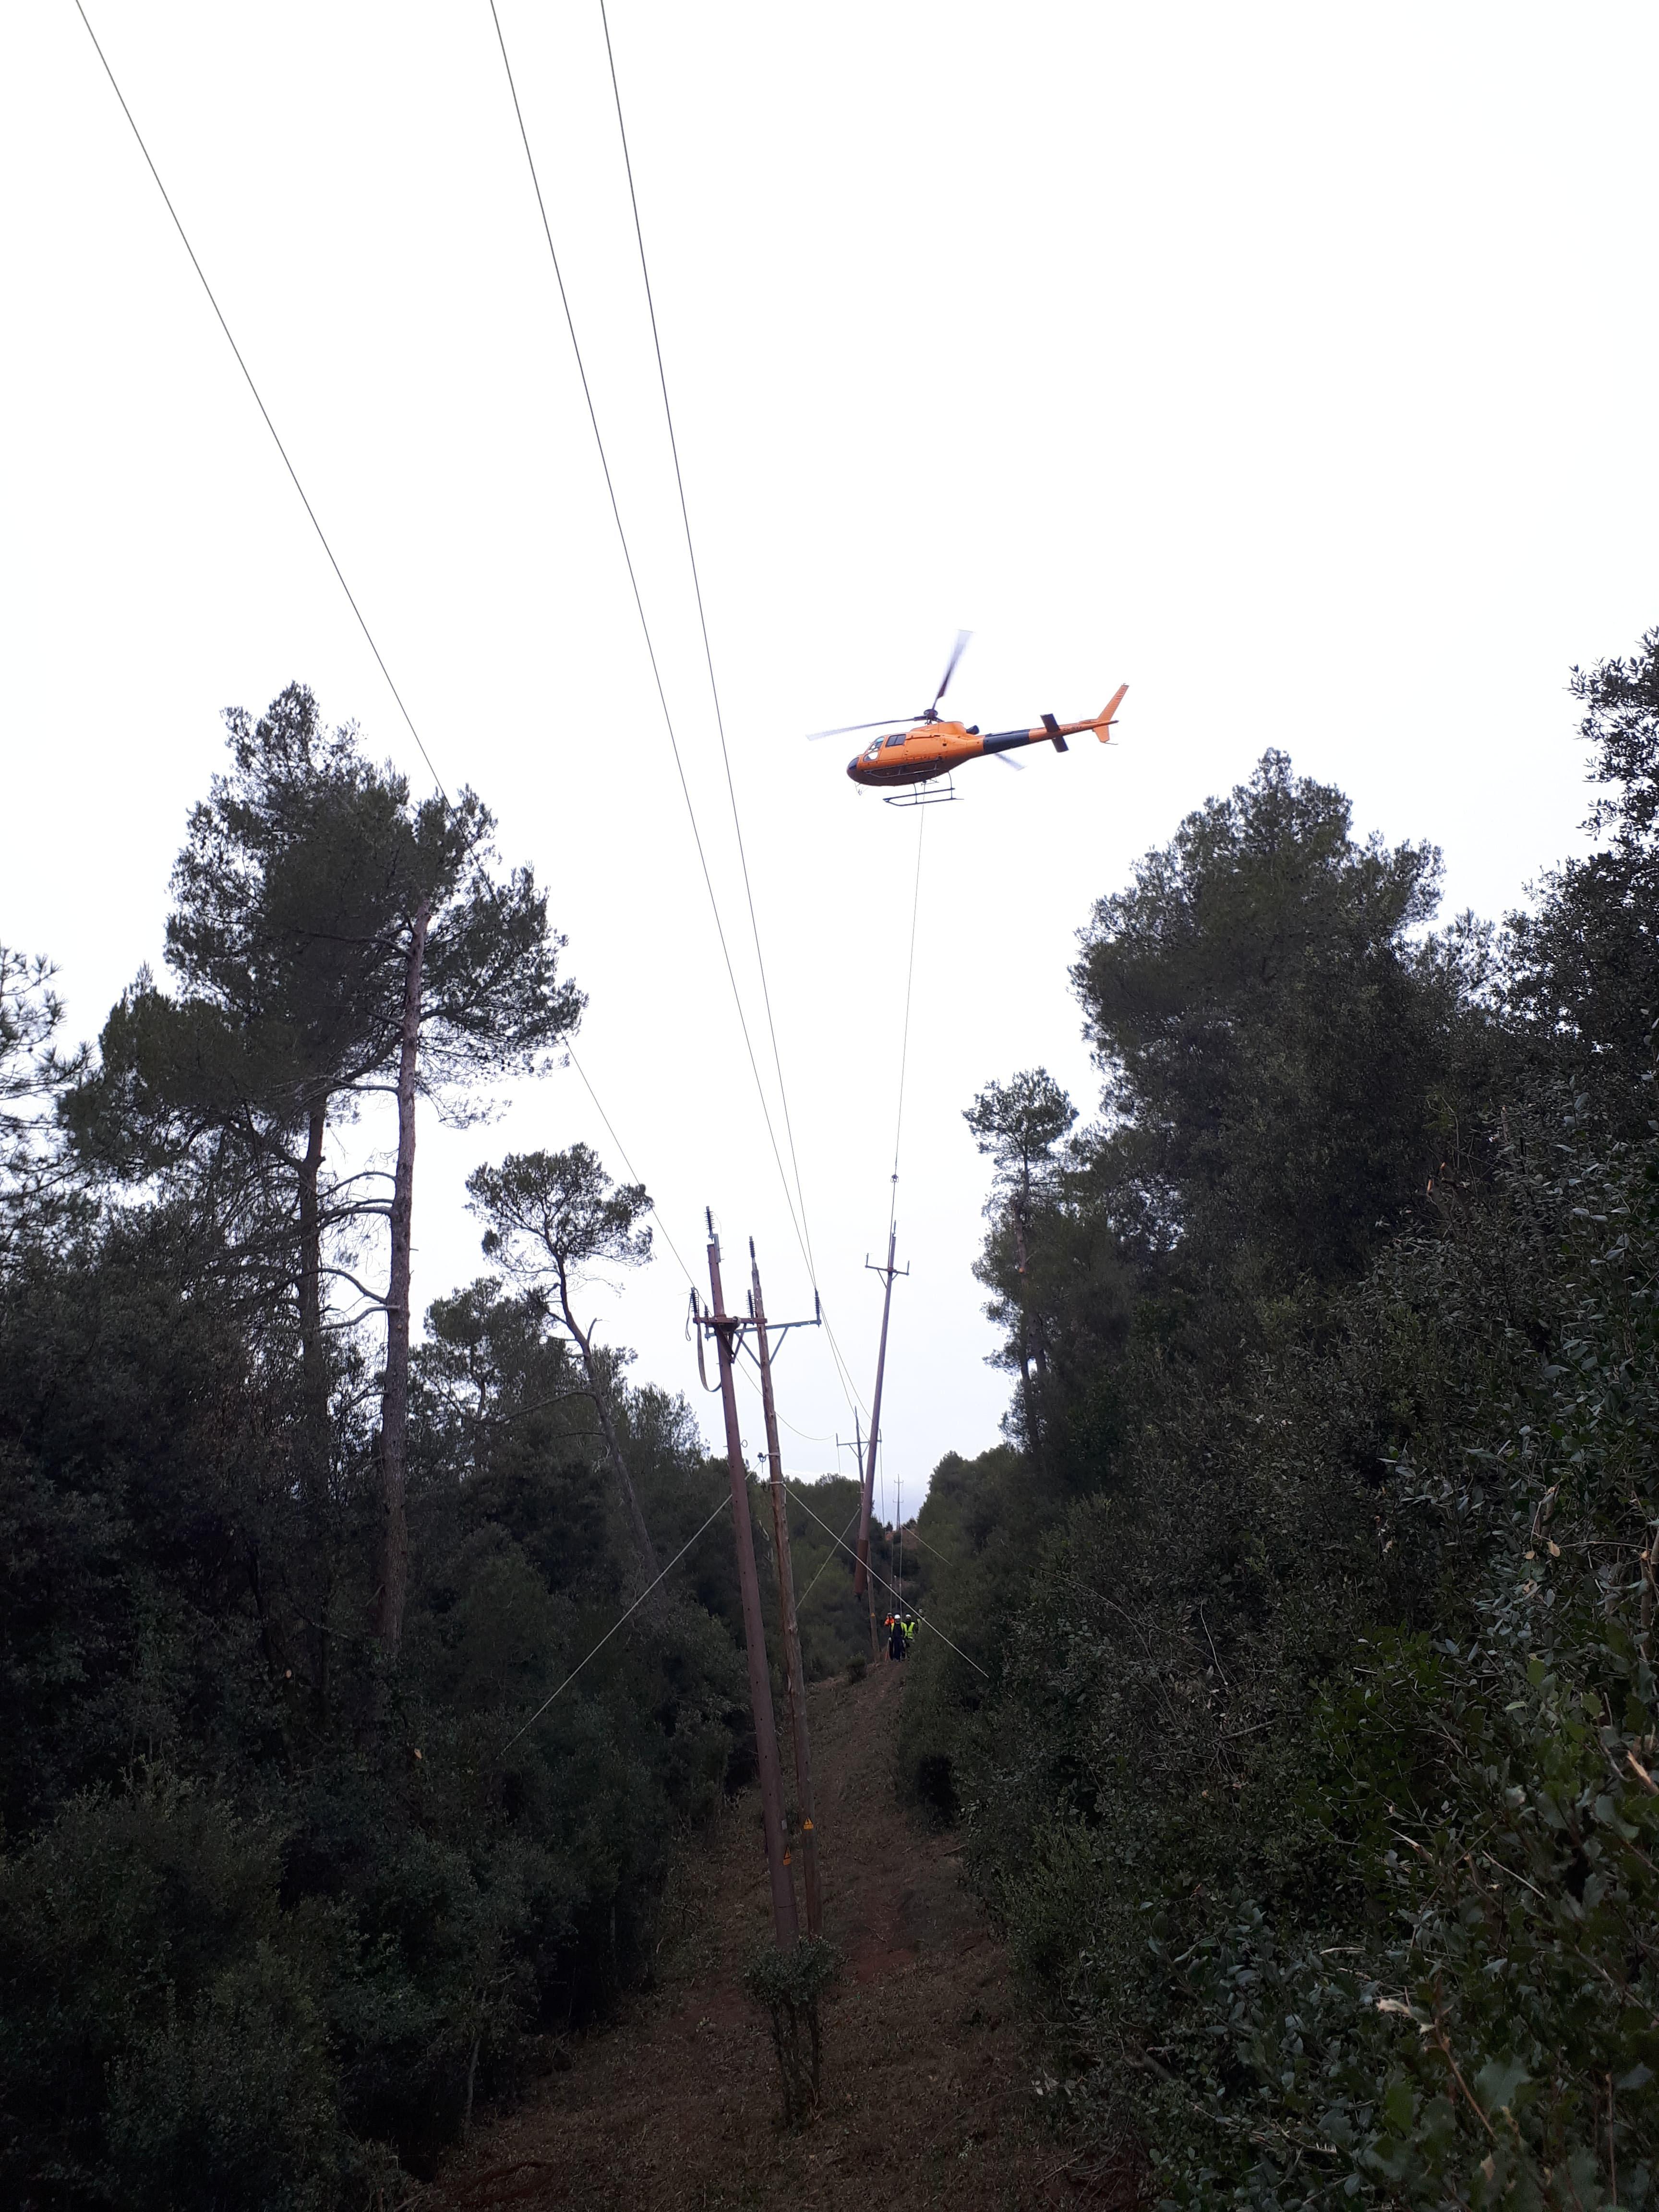 Endesa instal·la una nova línia elèctrica al Parc Natural de Sant Llorenç del Munt i l'Obac